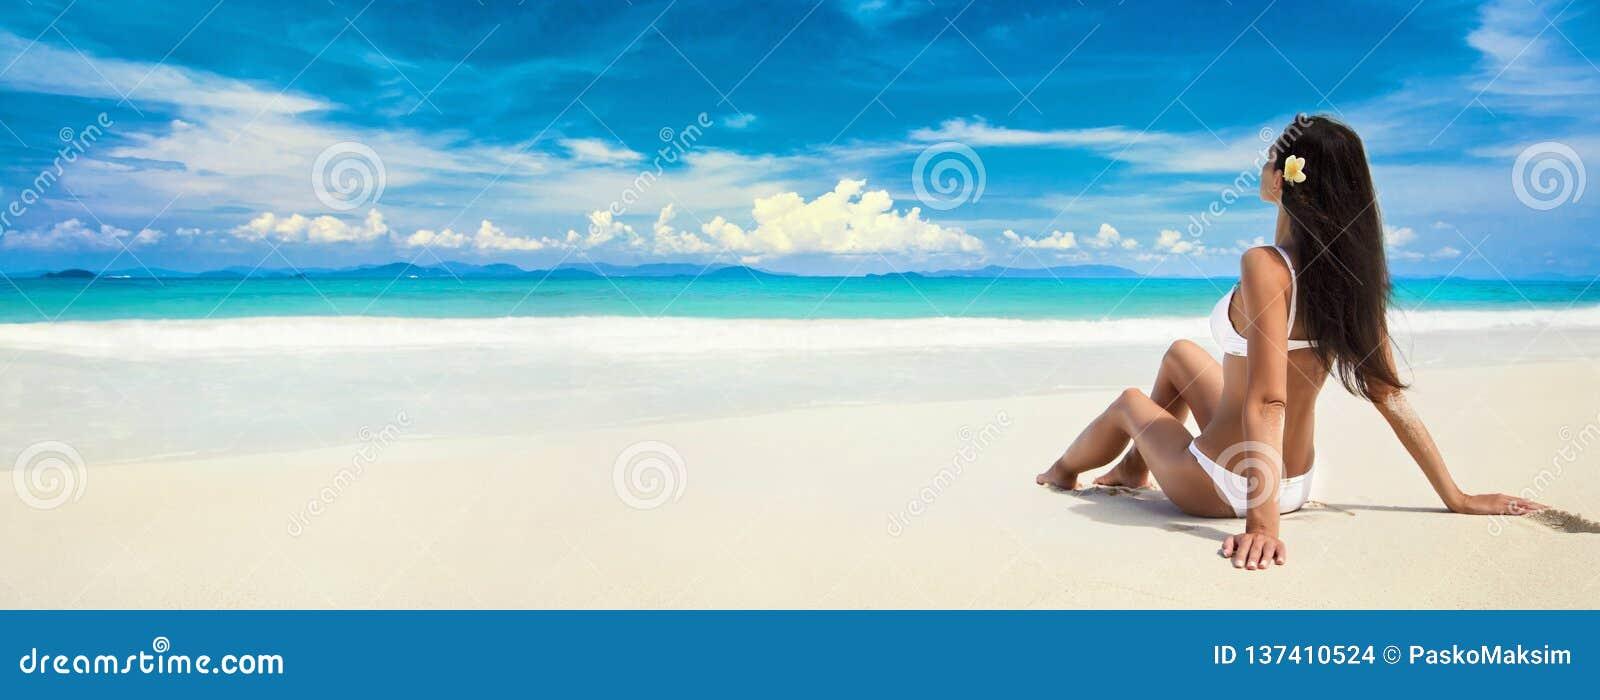 Szczęśliwa kobieta na plaży ocean katya lata terytorium krasnodar wakacje